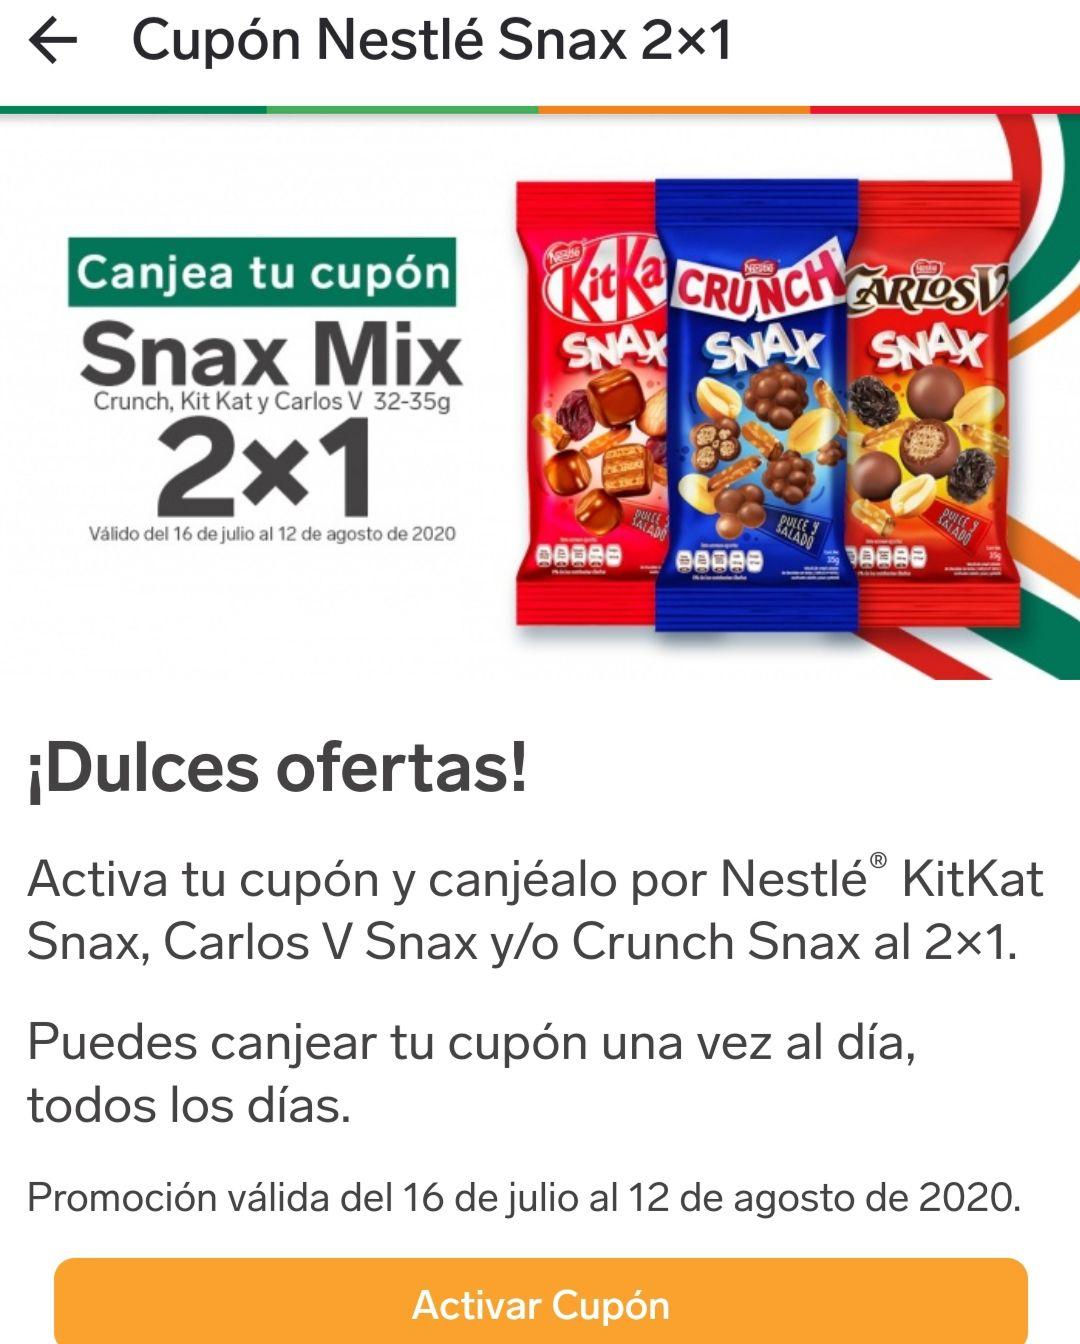 7 Eleven: Nestlé Snax Mix 2x1 Puedes canjear tu cupón una ves al día, todos los días.